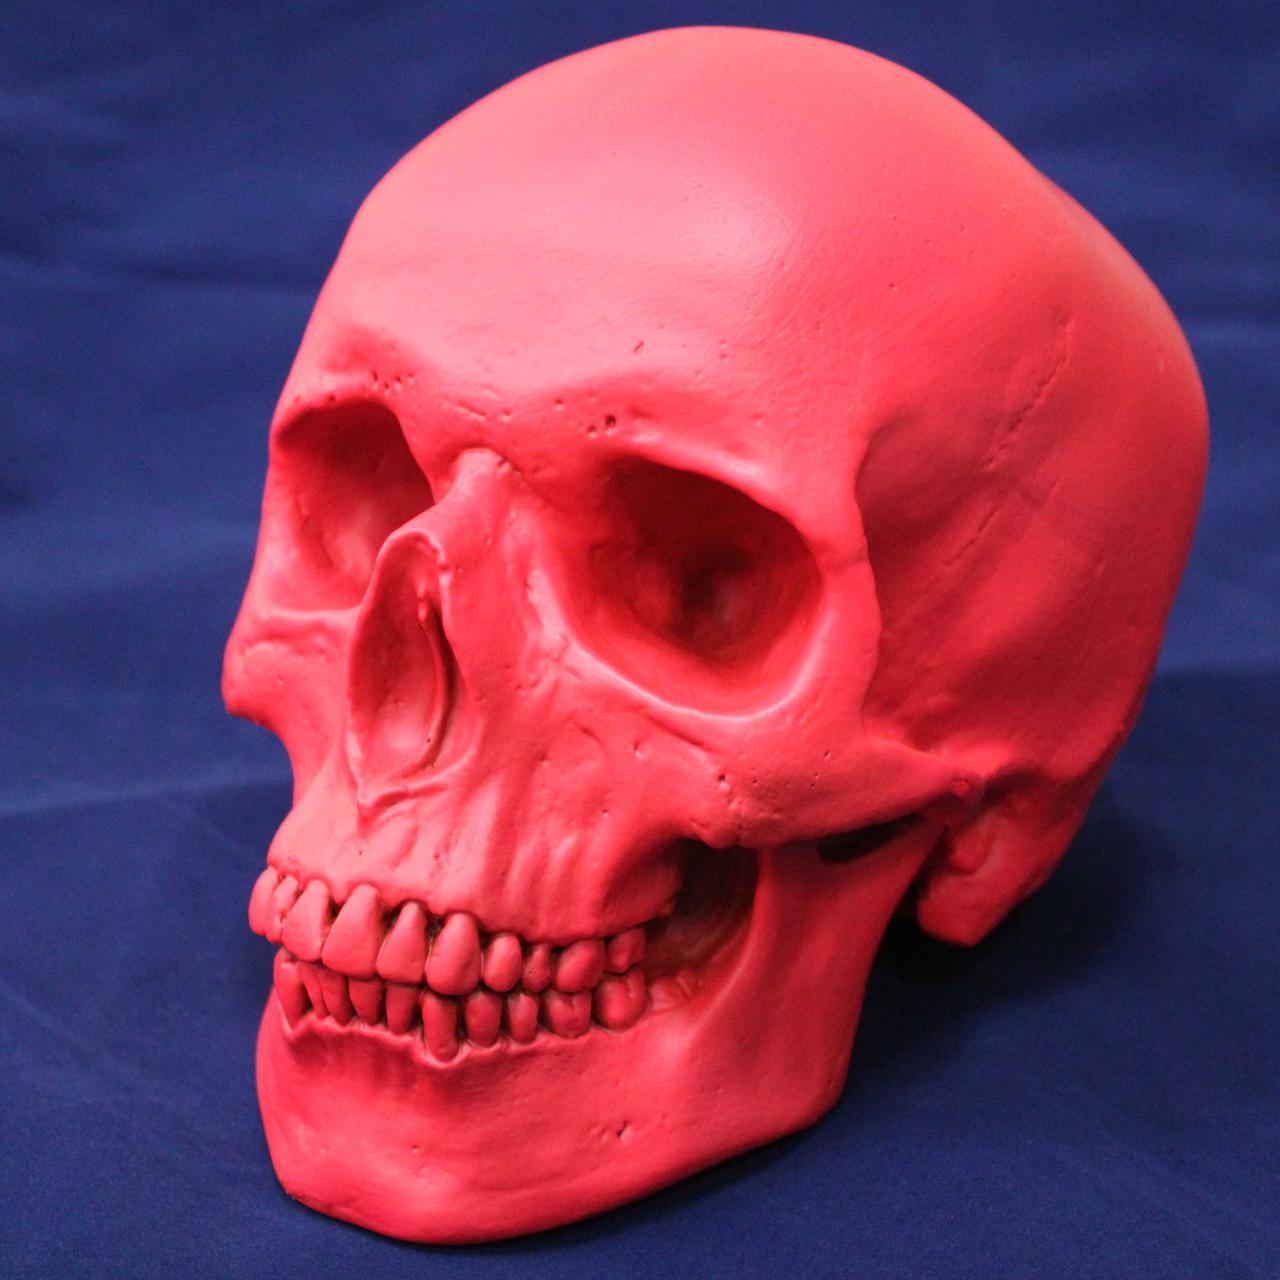 Гламурный розовый череп из скульптурного гипса, декоративный, в натуральную величину, фото 1